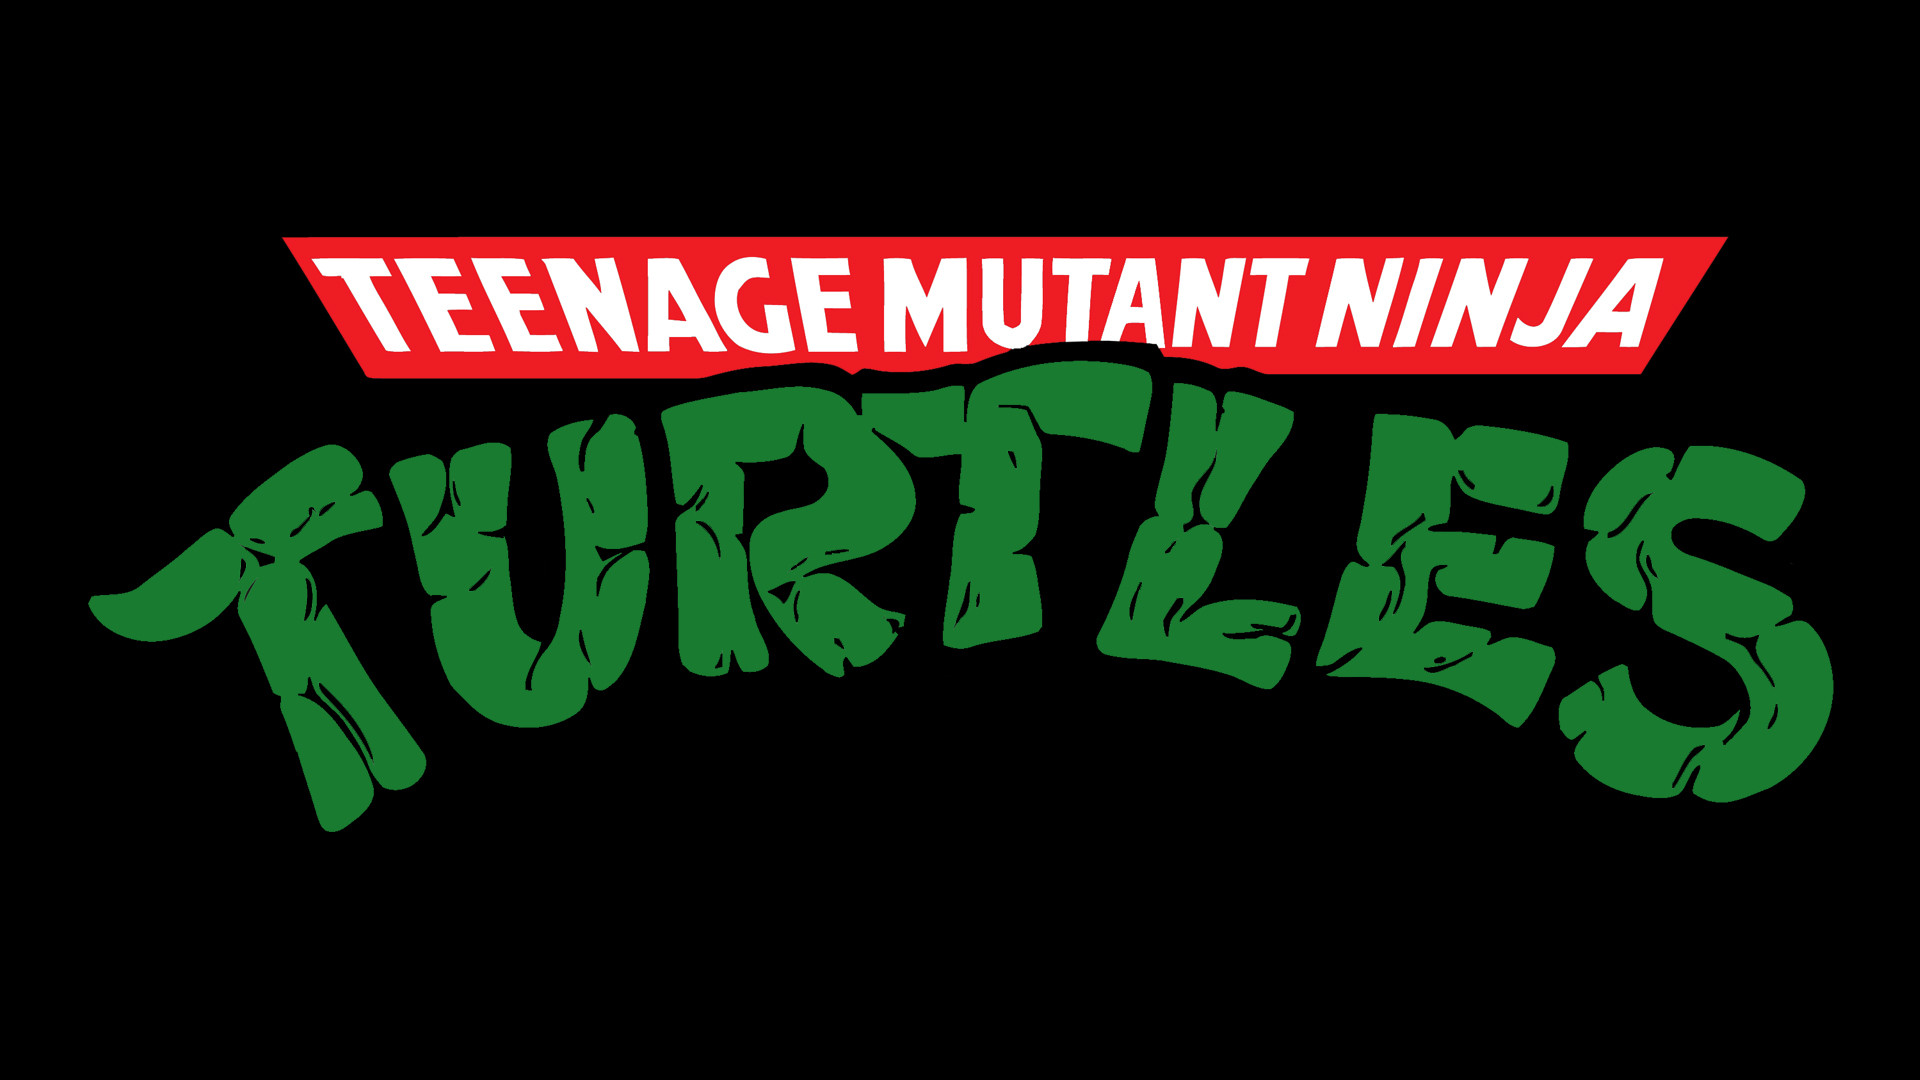 Teenage Mutant Ninja Turtles Logo Wallpaper